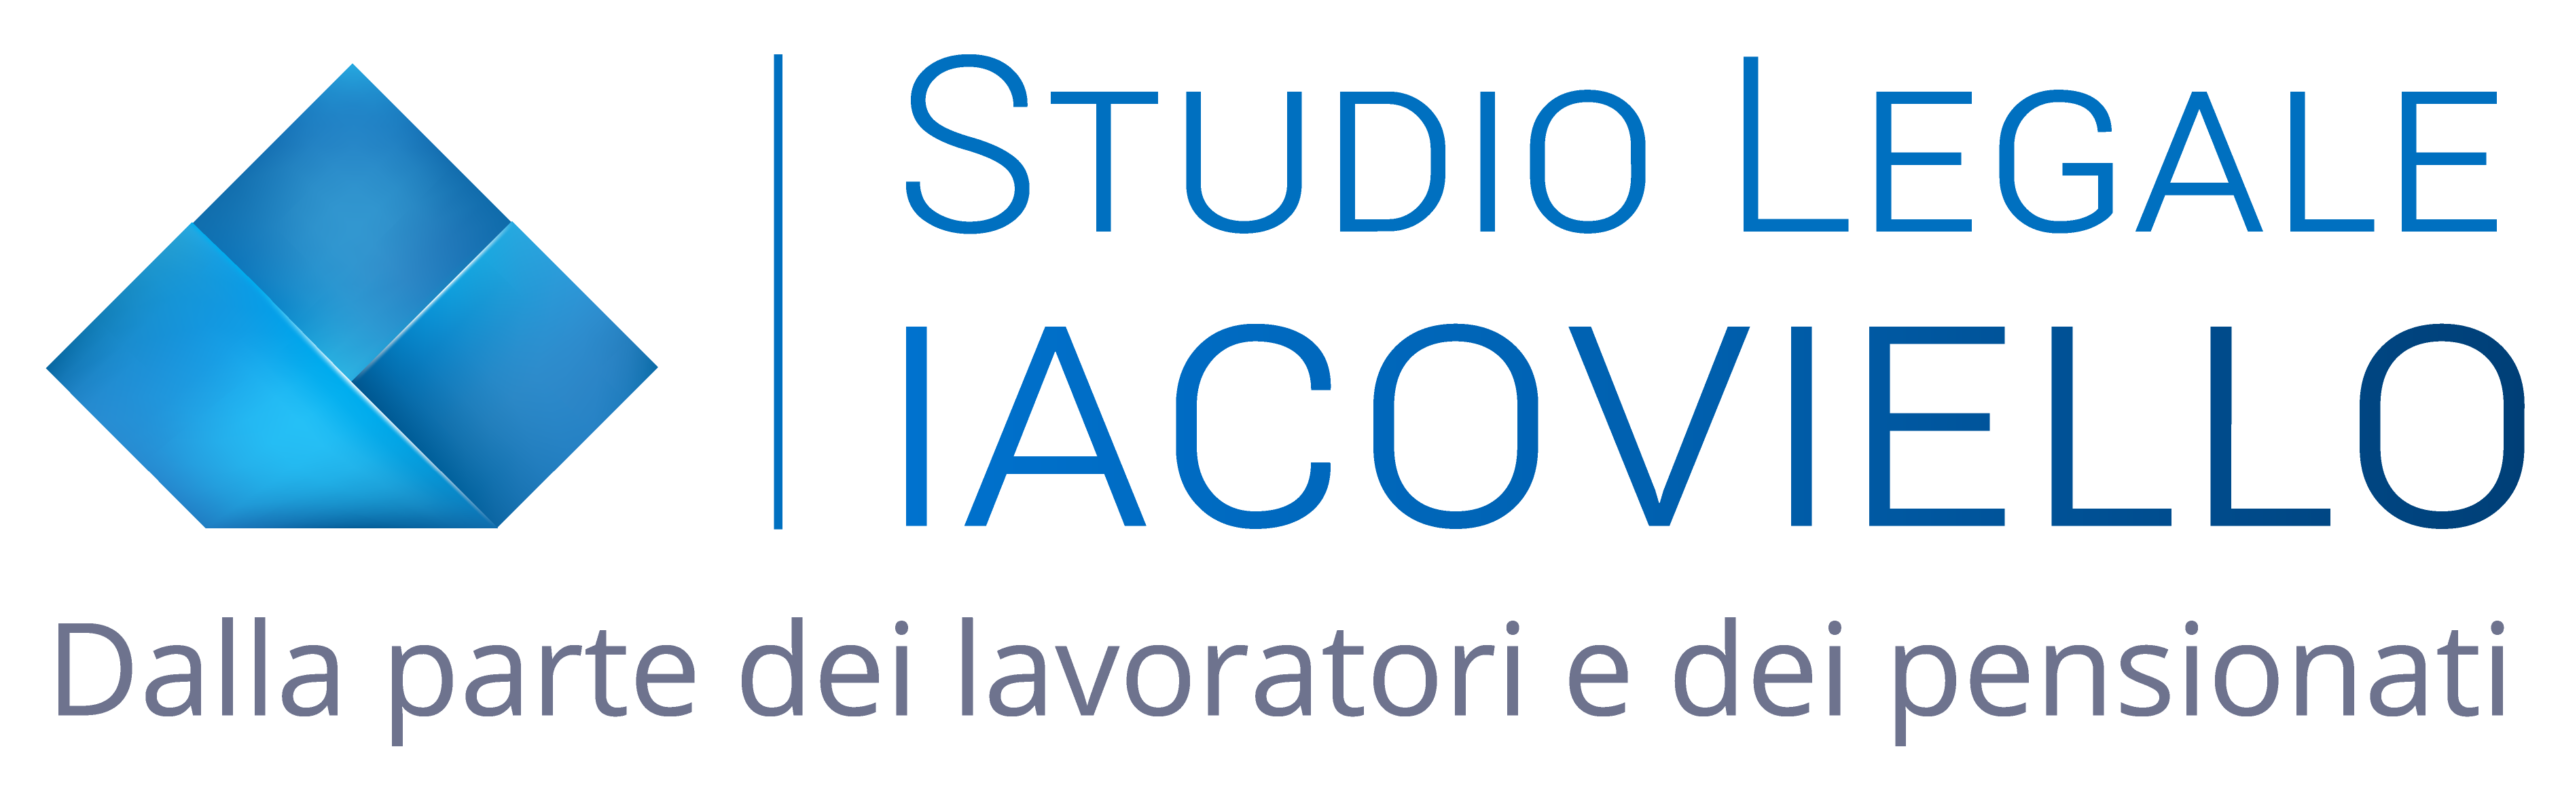 Logo Studio Legale Iacoviello